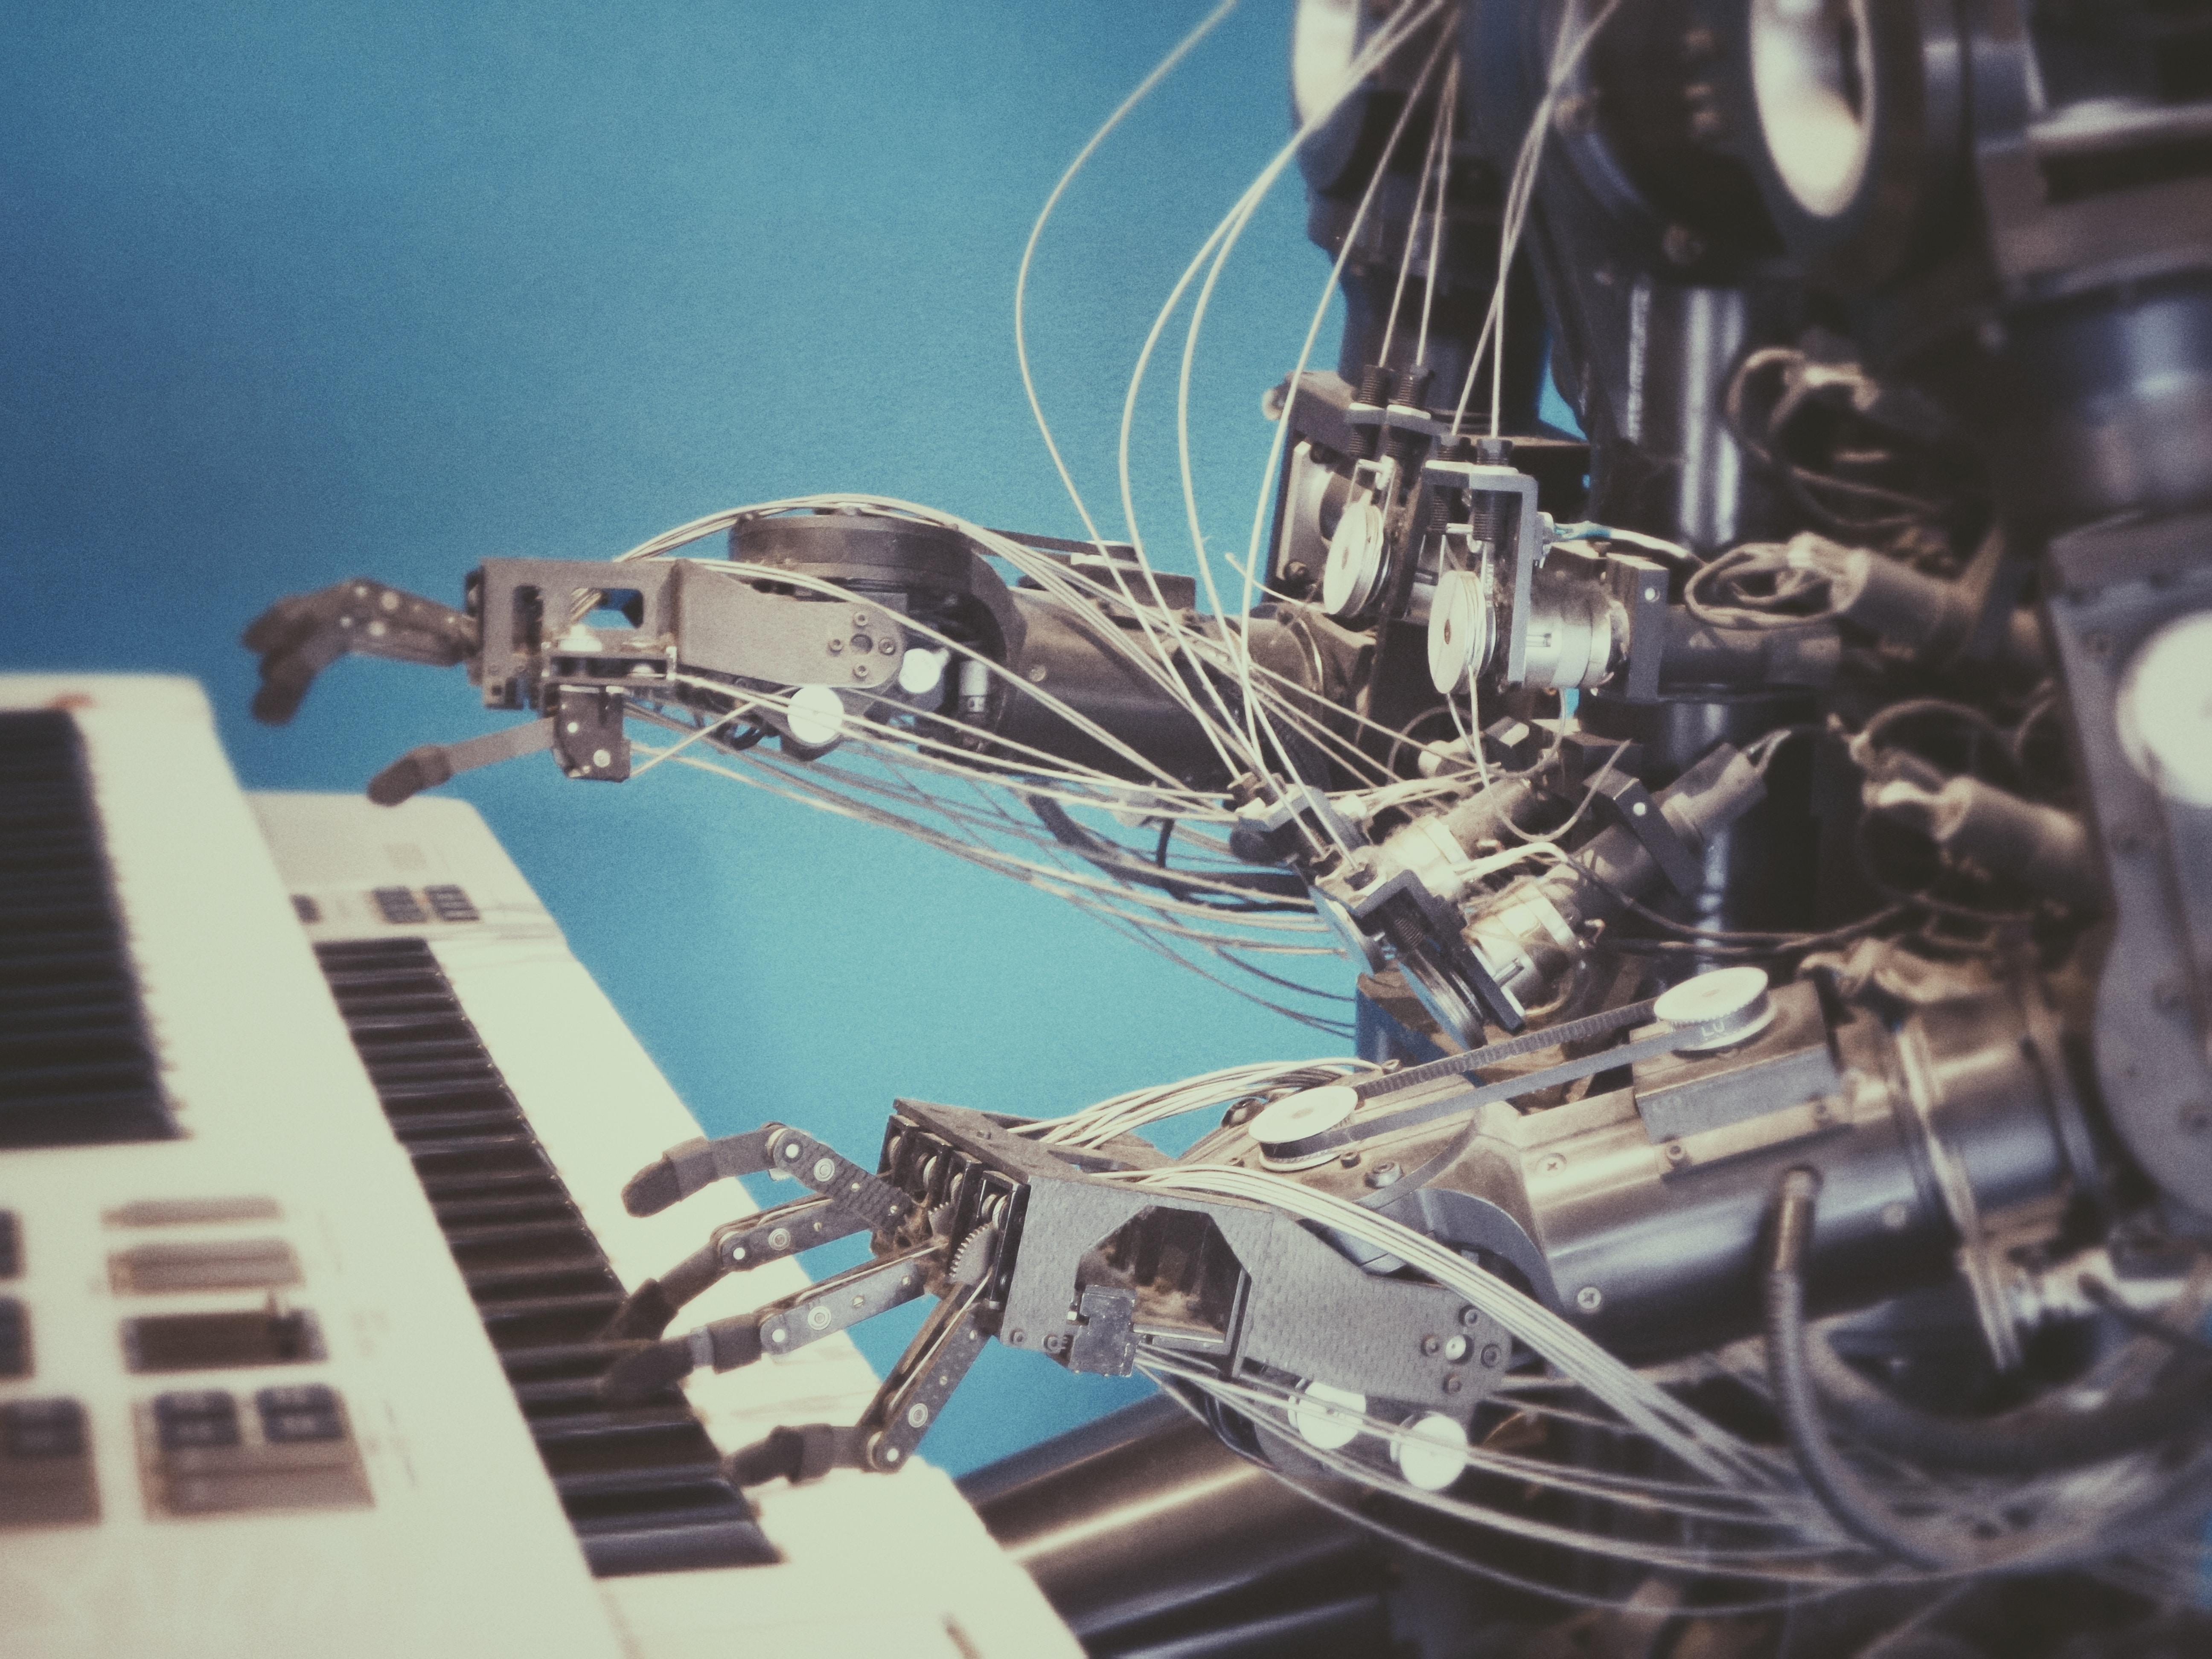 对话腾讯AILab张正友:AI会超越人类吗?机器人已经产生自我意识了吗?中国发展AI还欠缺什么?